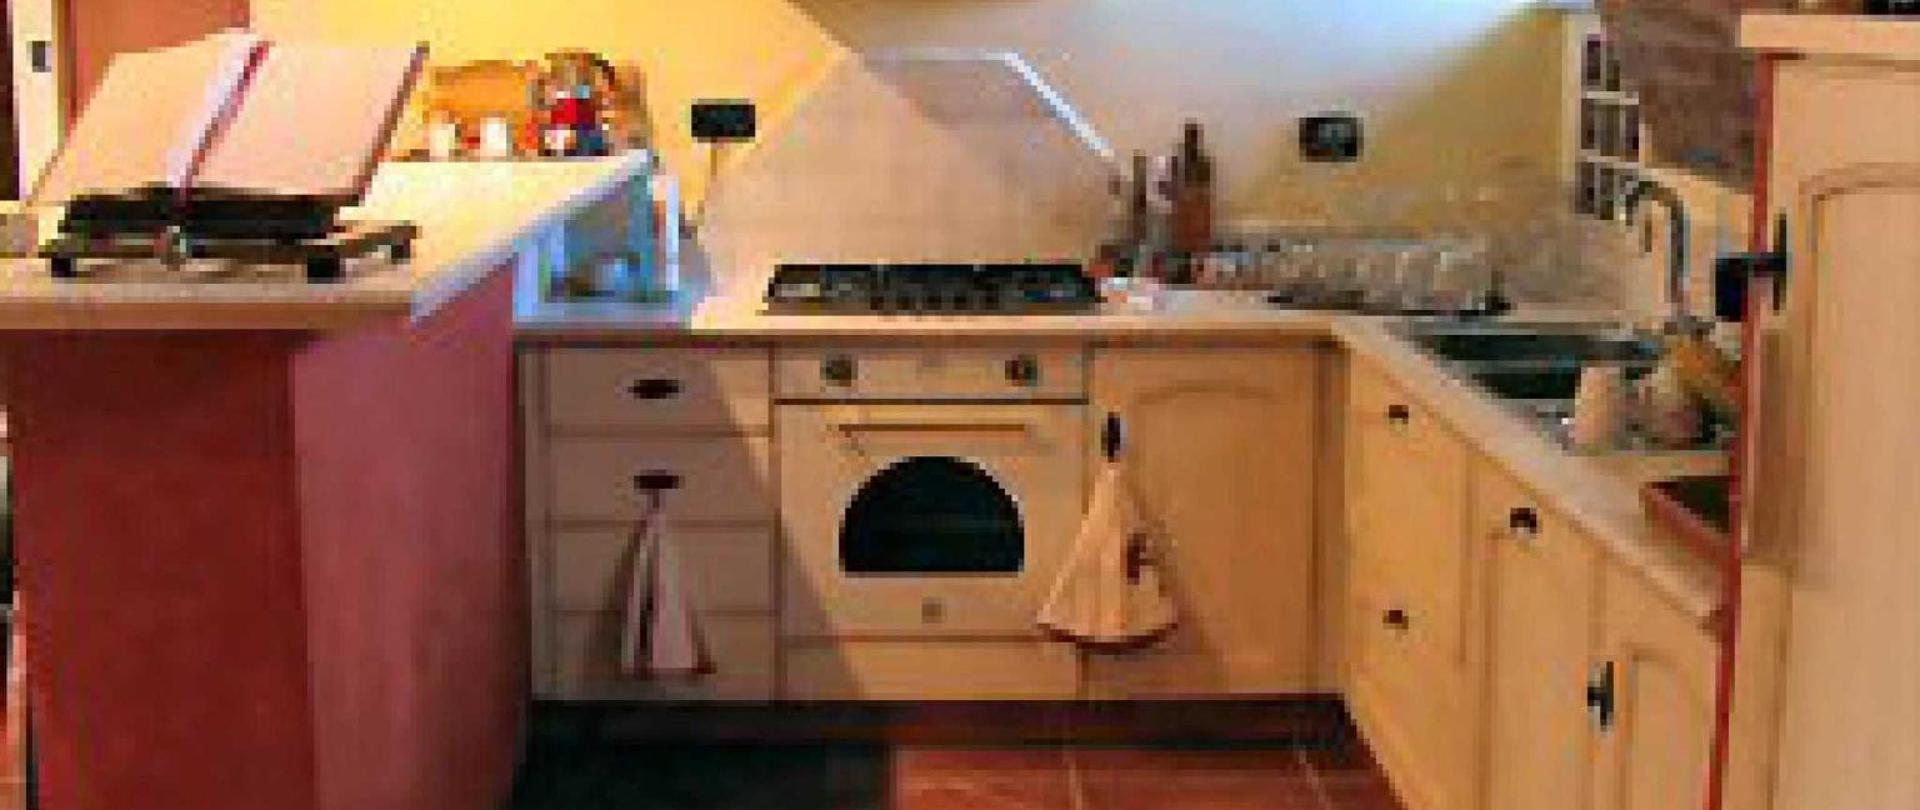 cucina-1-1.jpg